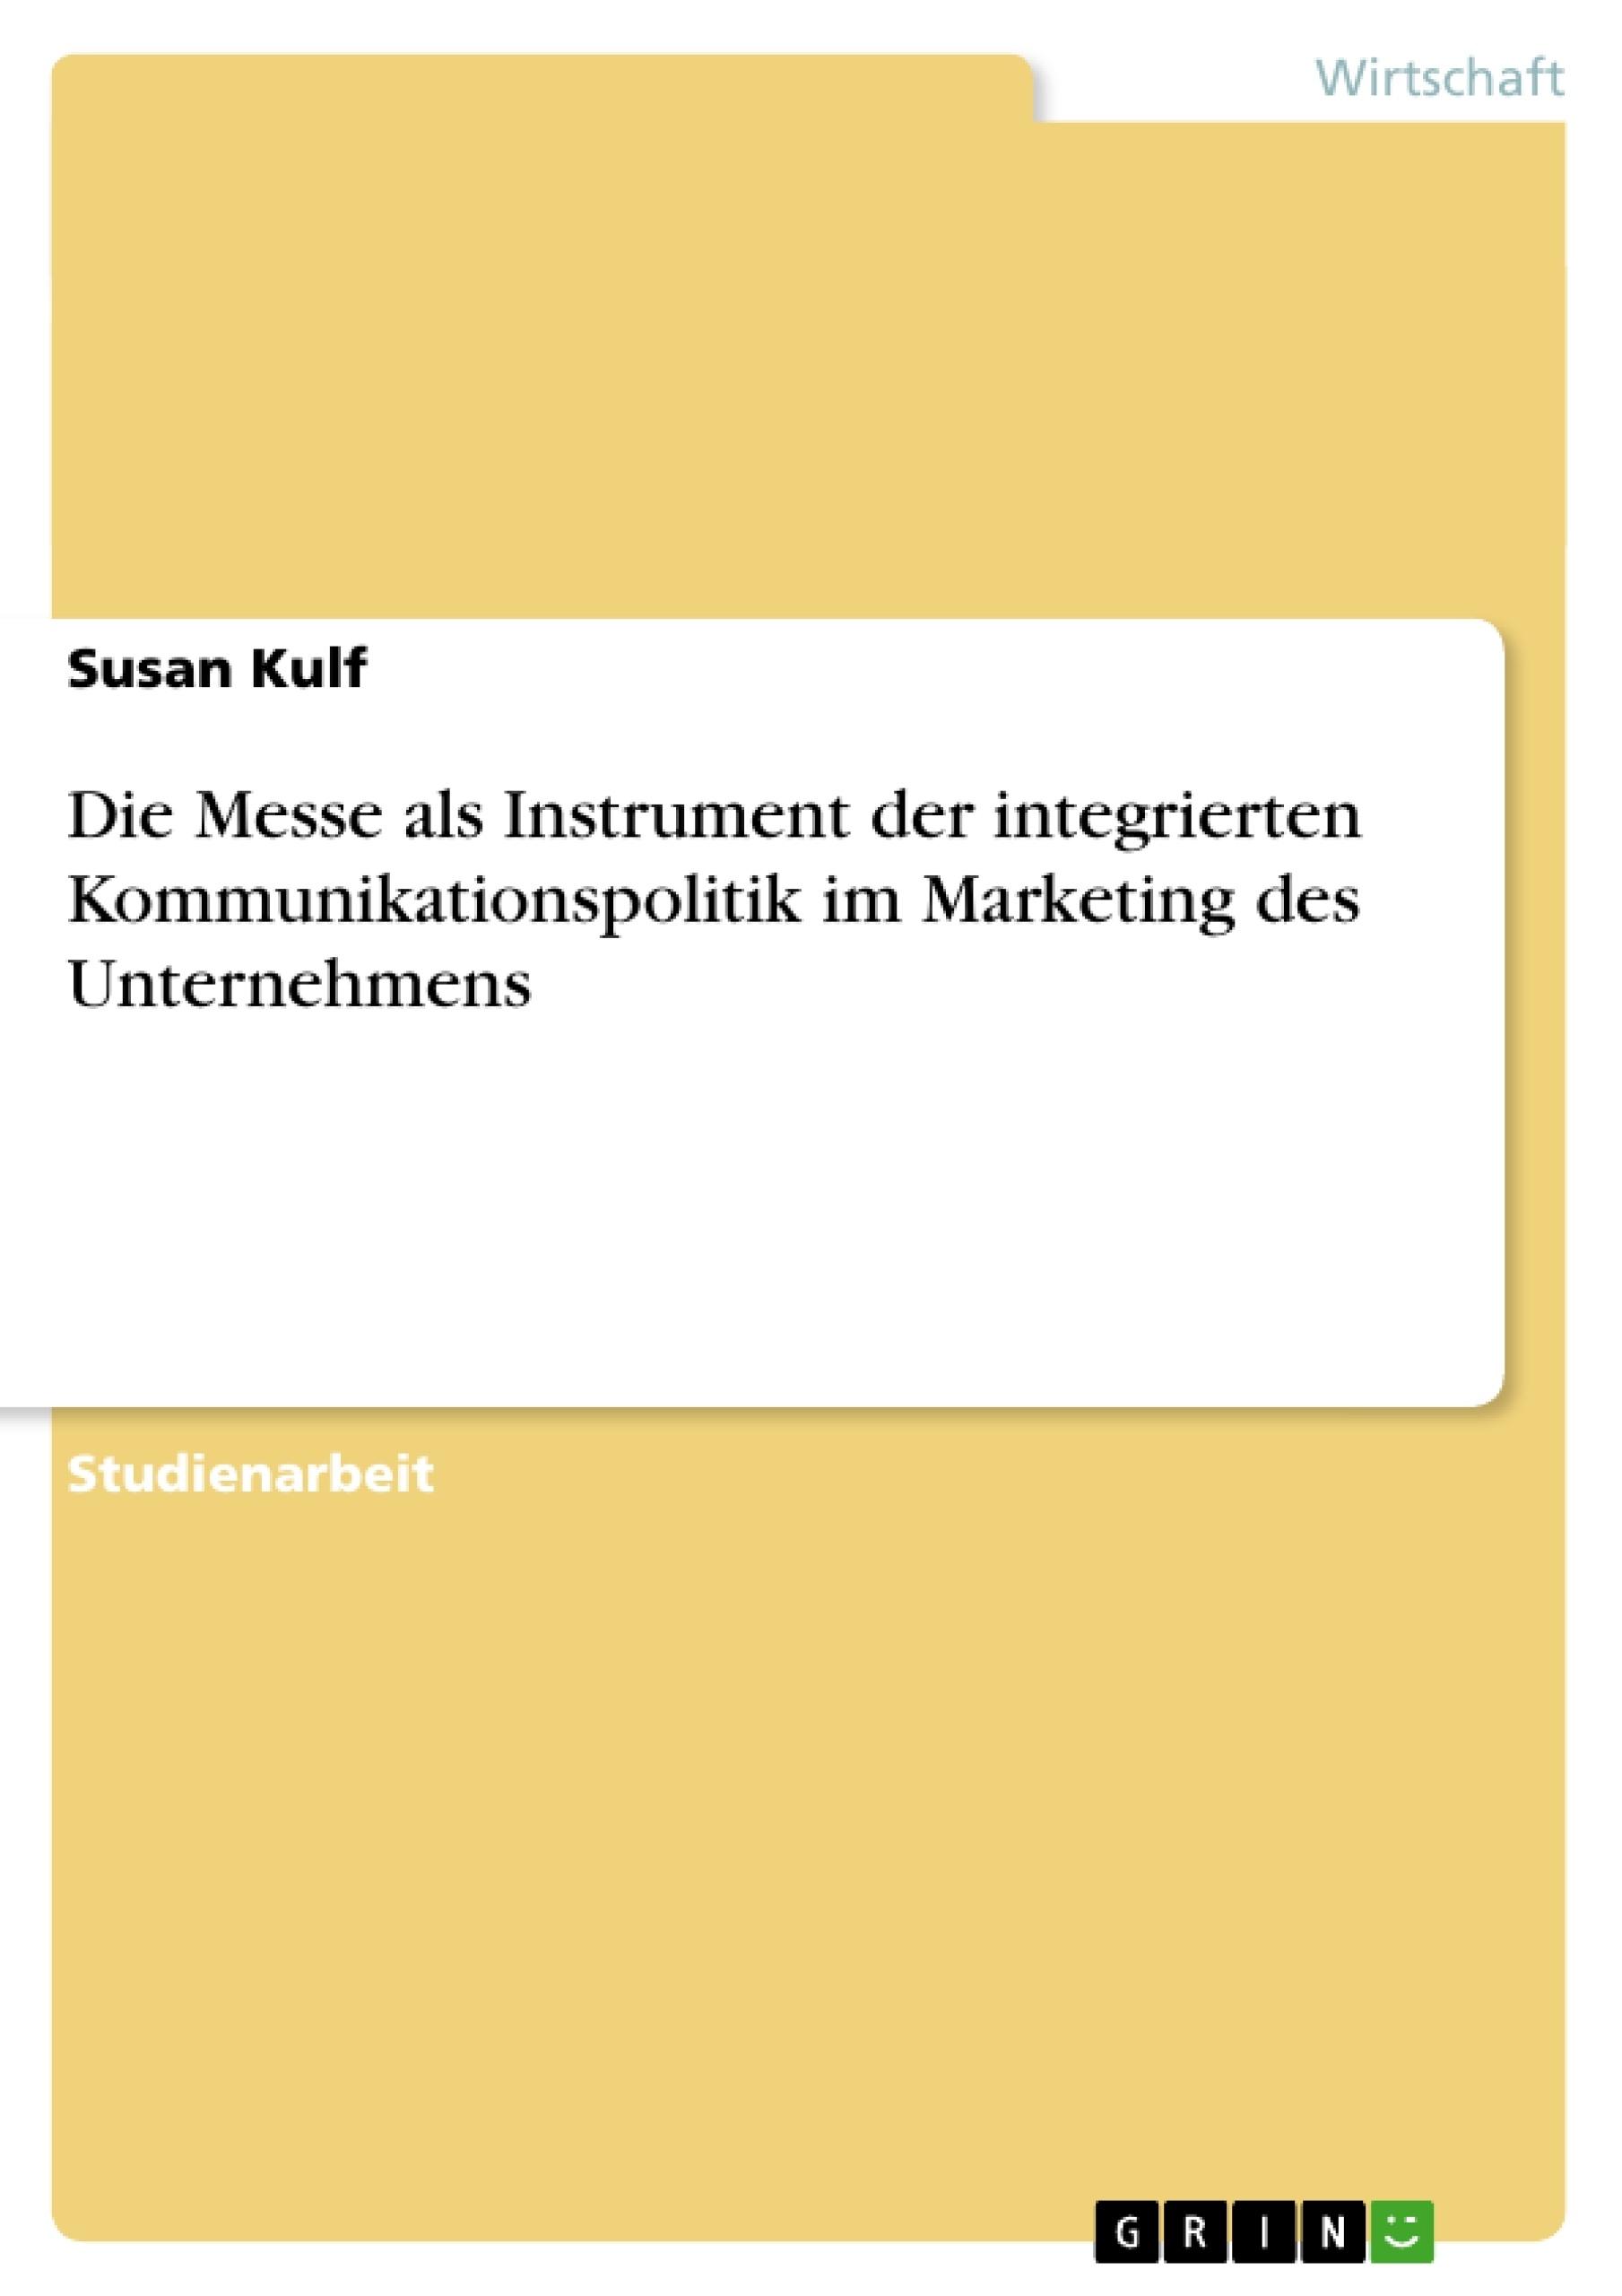 Titel: Die Messe als Instrument der integrierten Kommunikationspolitik im Marketing des Unternehmens